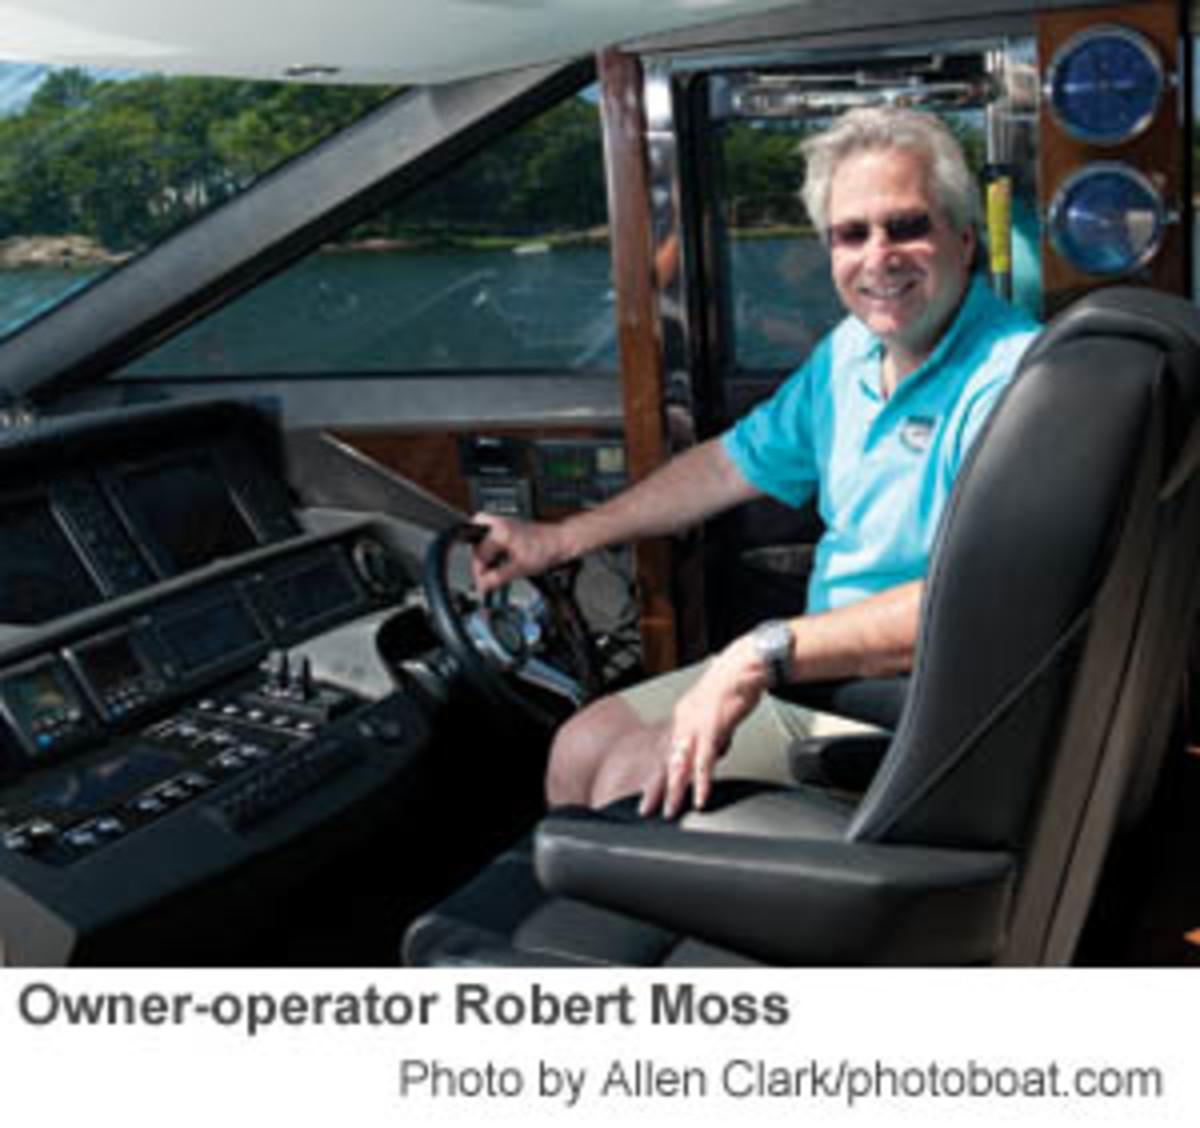 Owner-operator  Robert Moss -Photo by Allen Clark/photoboat.com